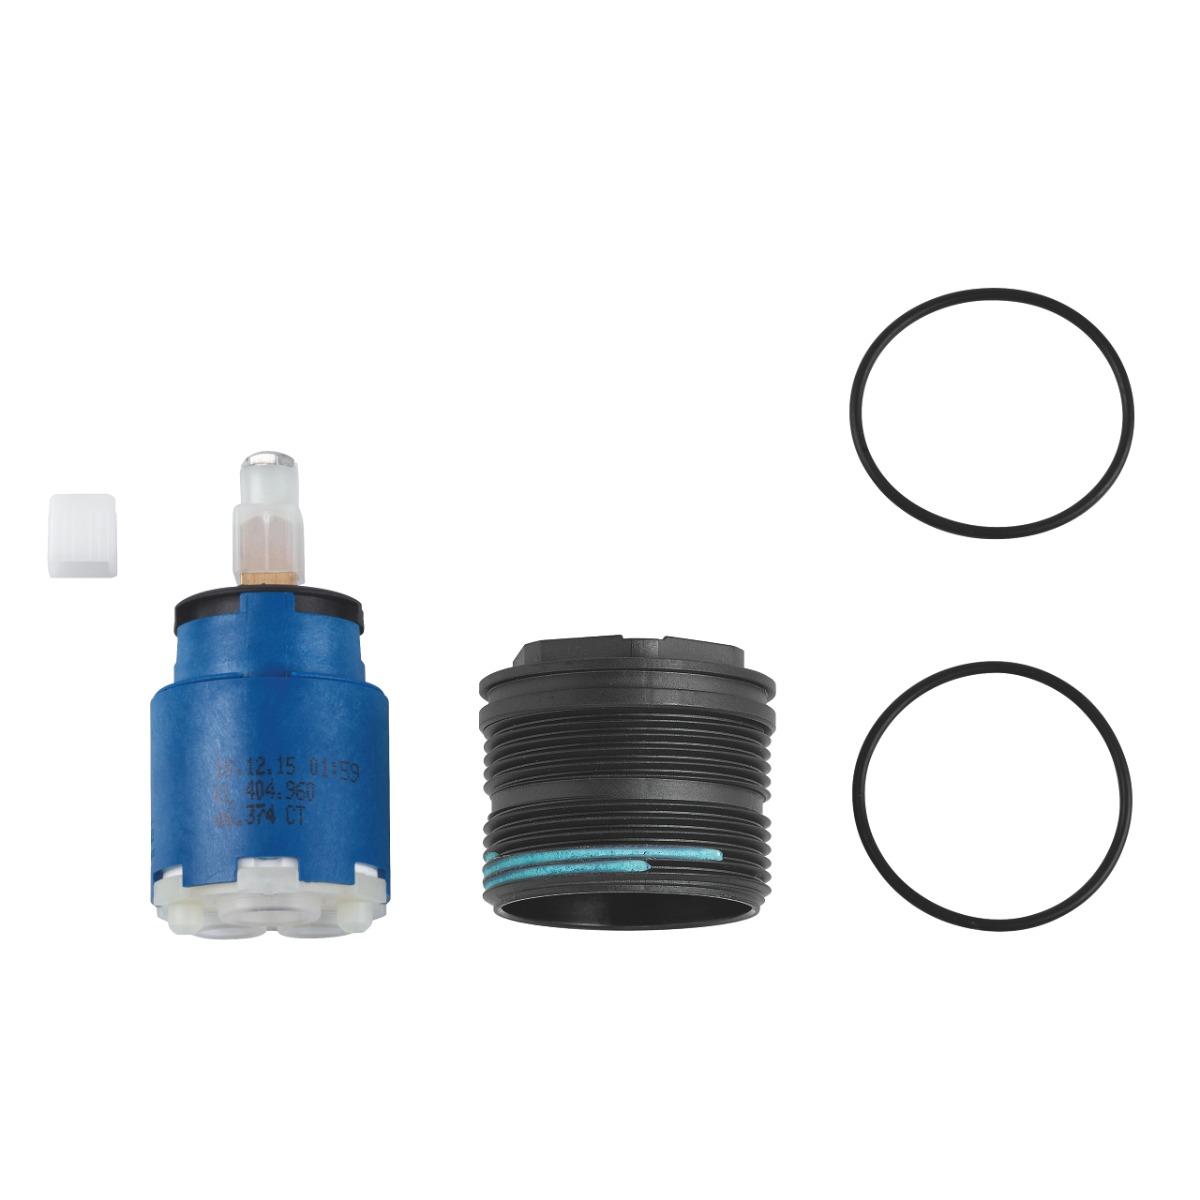 Cartus ceramic Grohe 35mm pentru baterii monocomanda-46374000 imagine